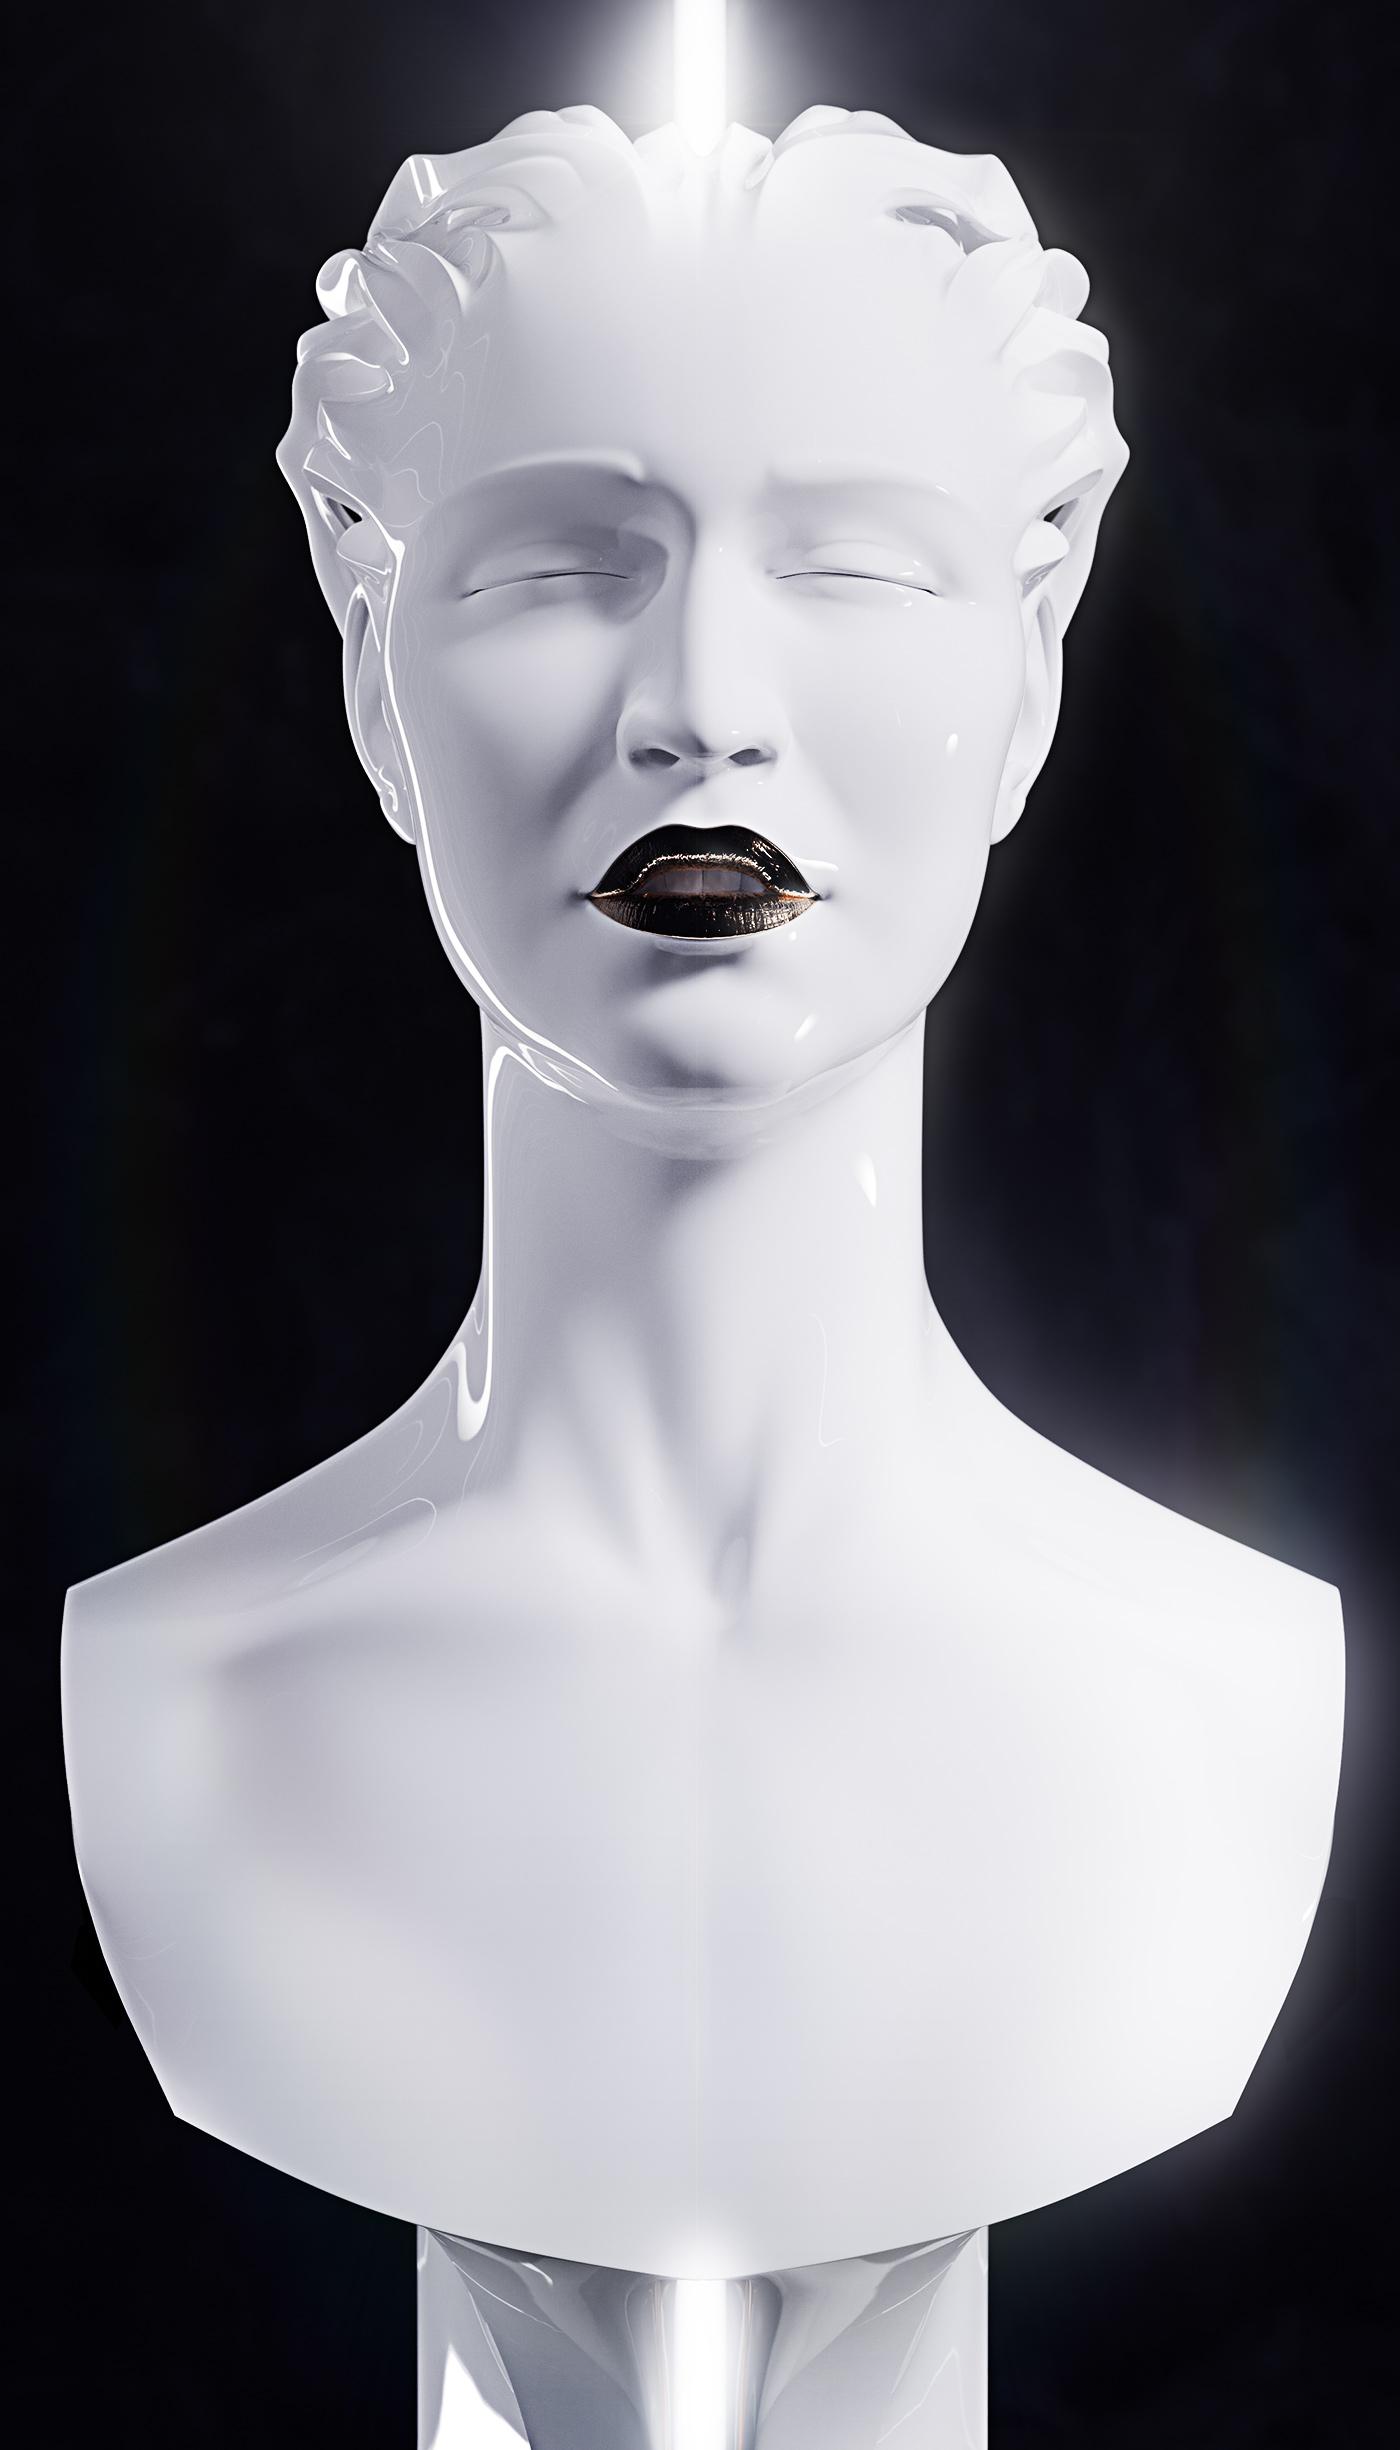 Sculpture, portrait of a Singer 2